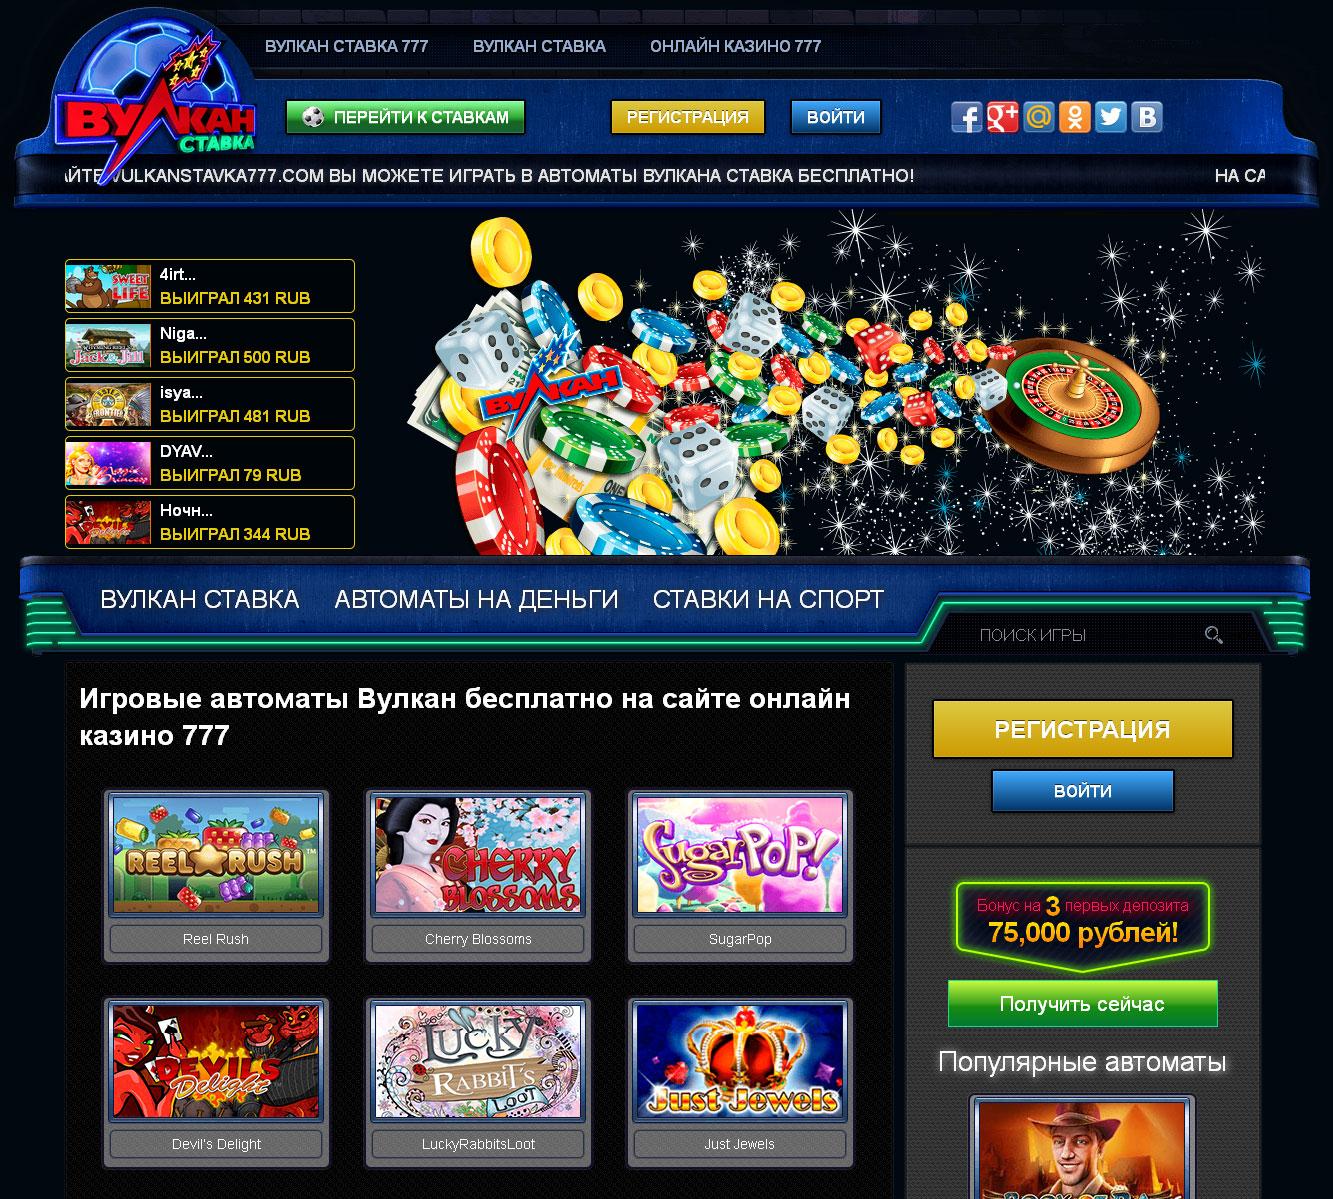 Как выигрывать деньги в казино на самп казино рояль онлайн смотреть в хорошем